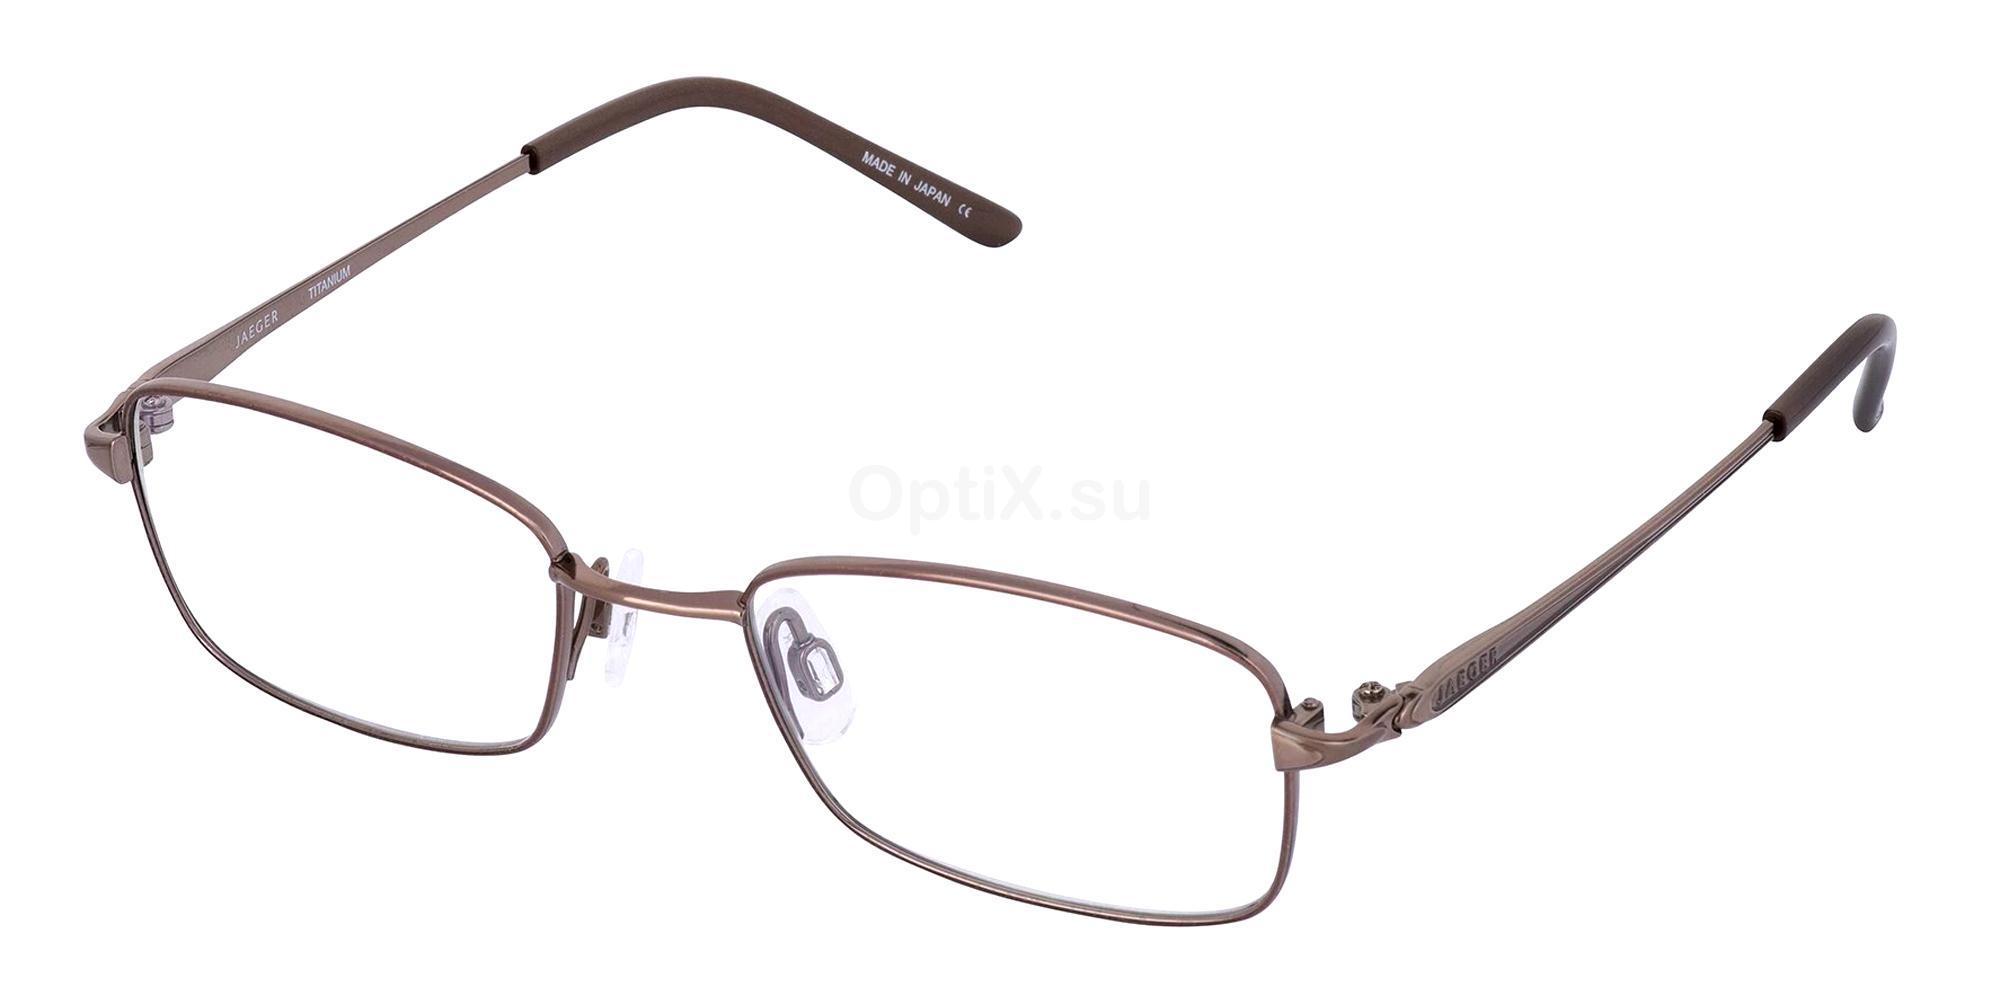 C.15 311 Glasses, Jaeger Pure Titanium